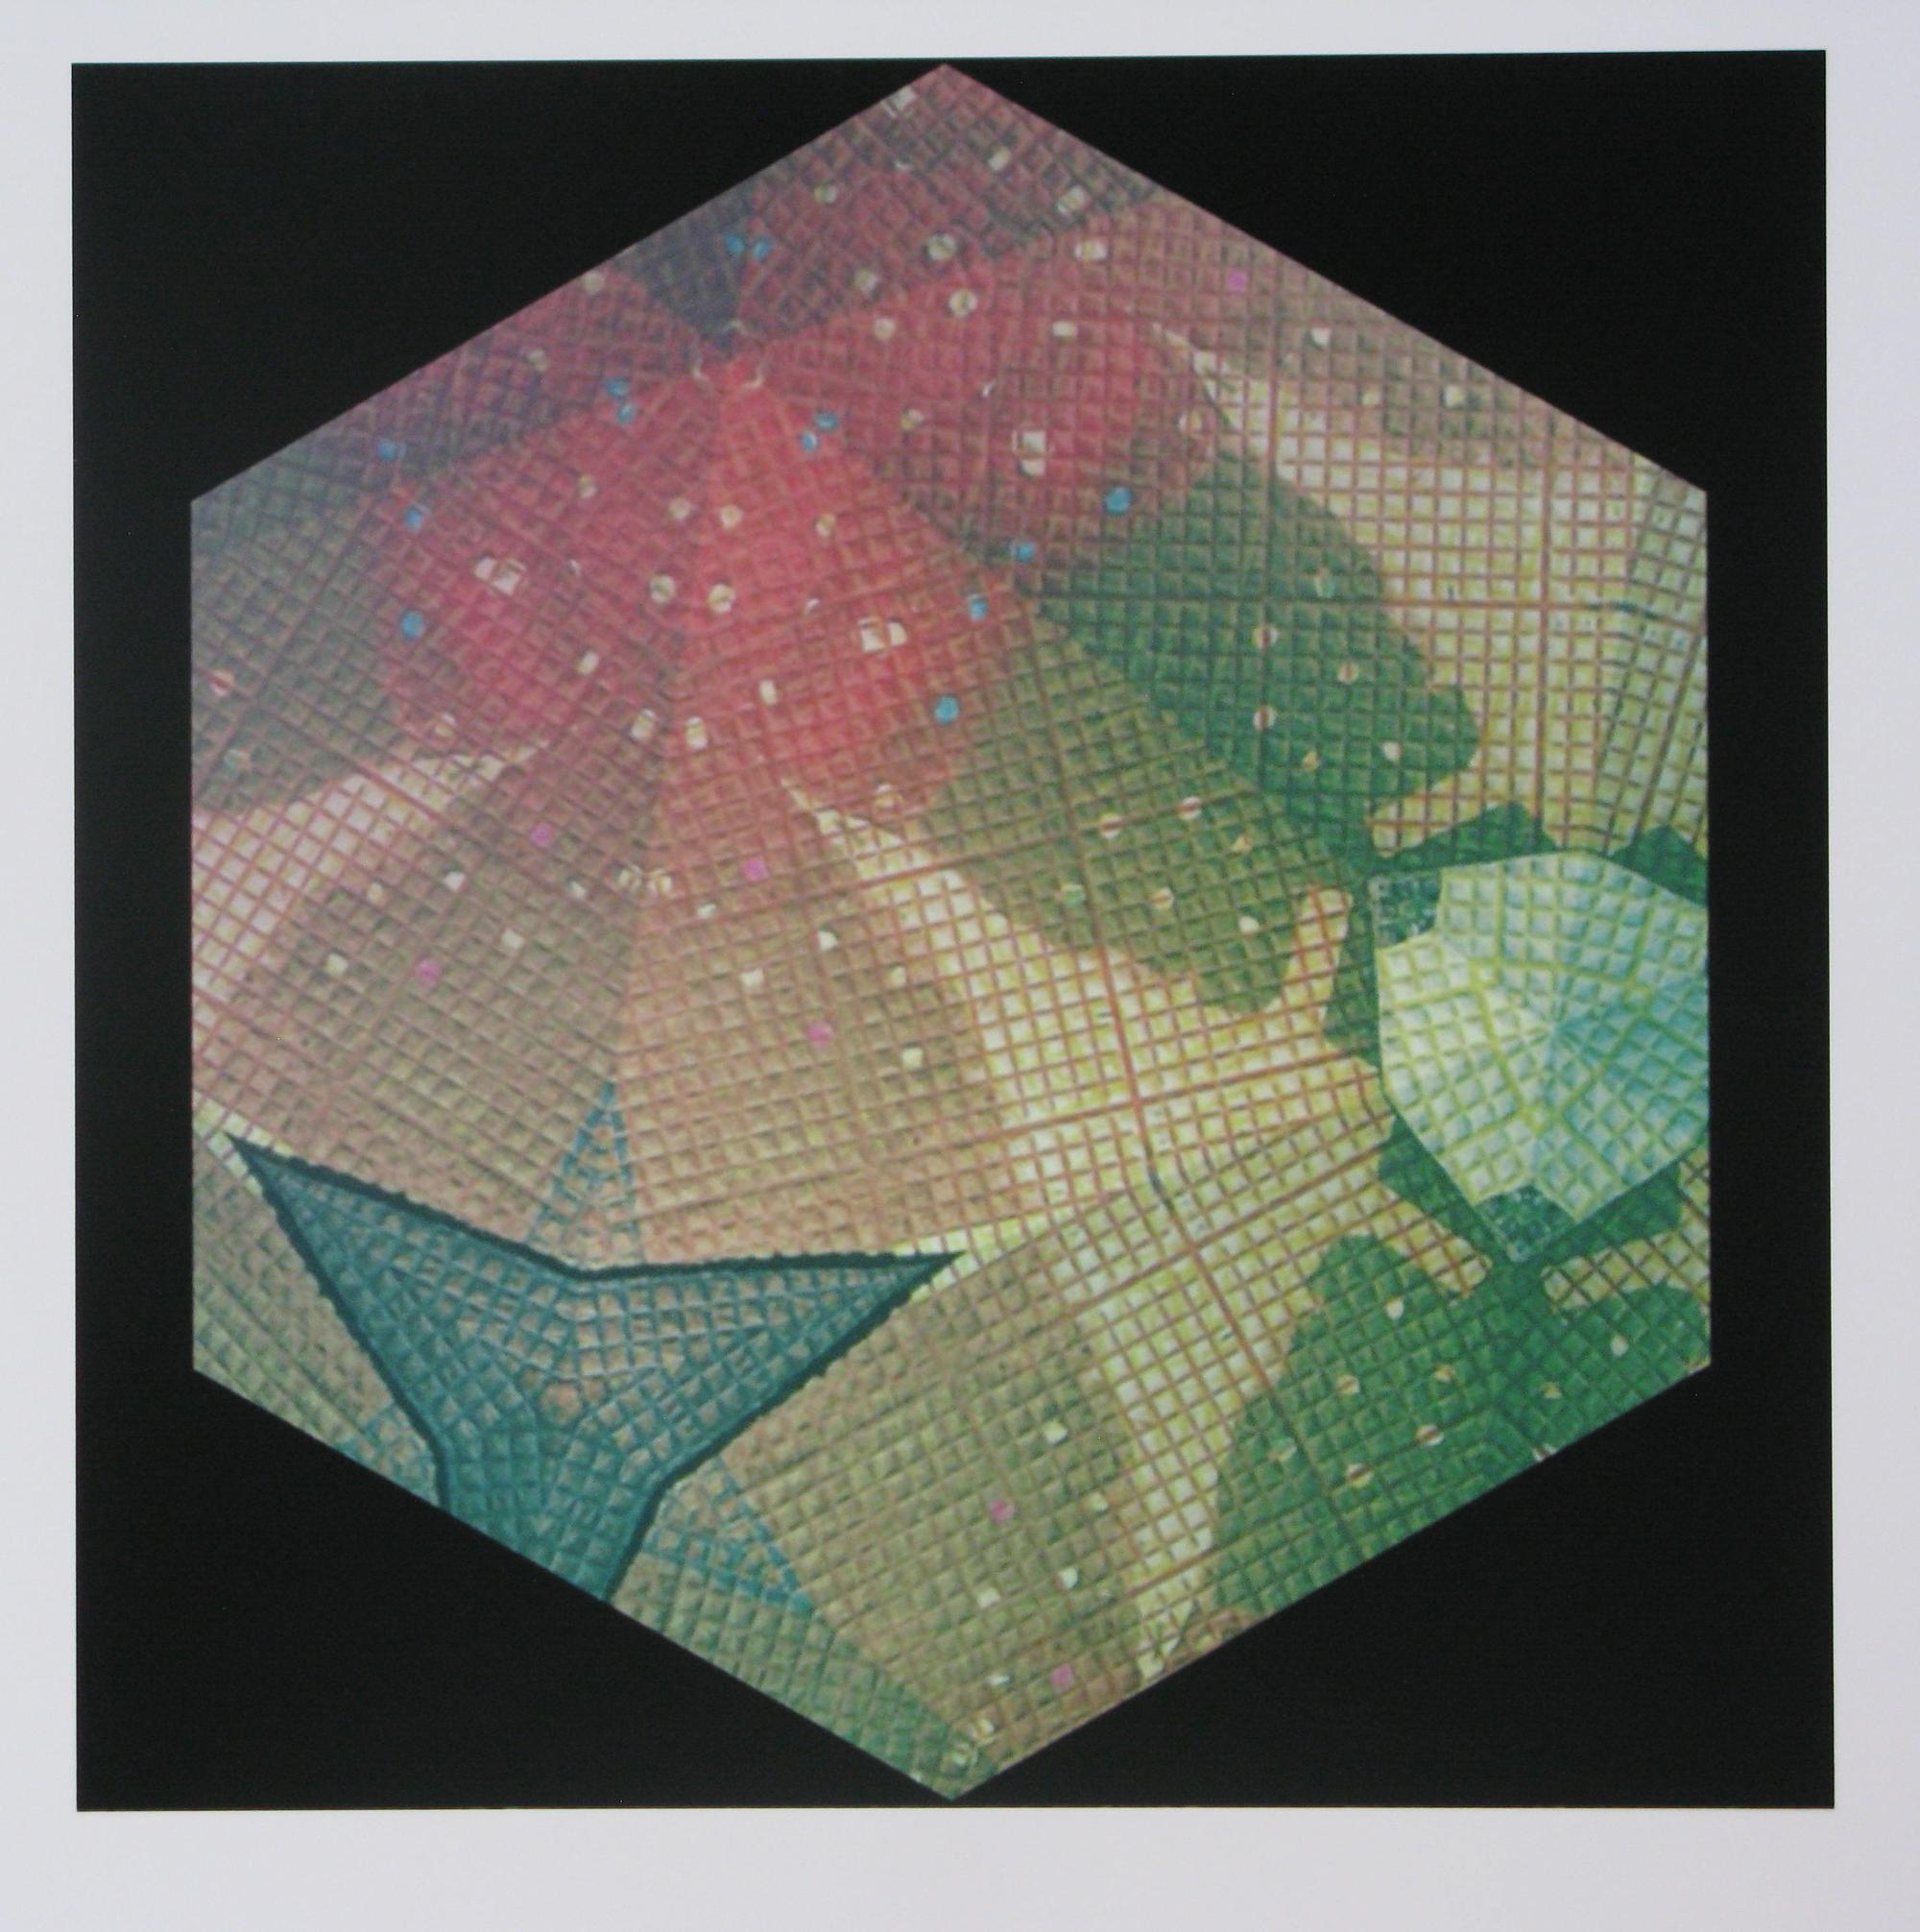 Peter Ford Hexagon 2   2018   20 x 20 cm   archival inkjet print    £100